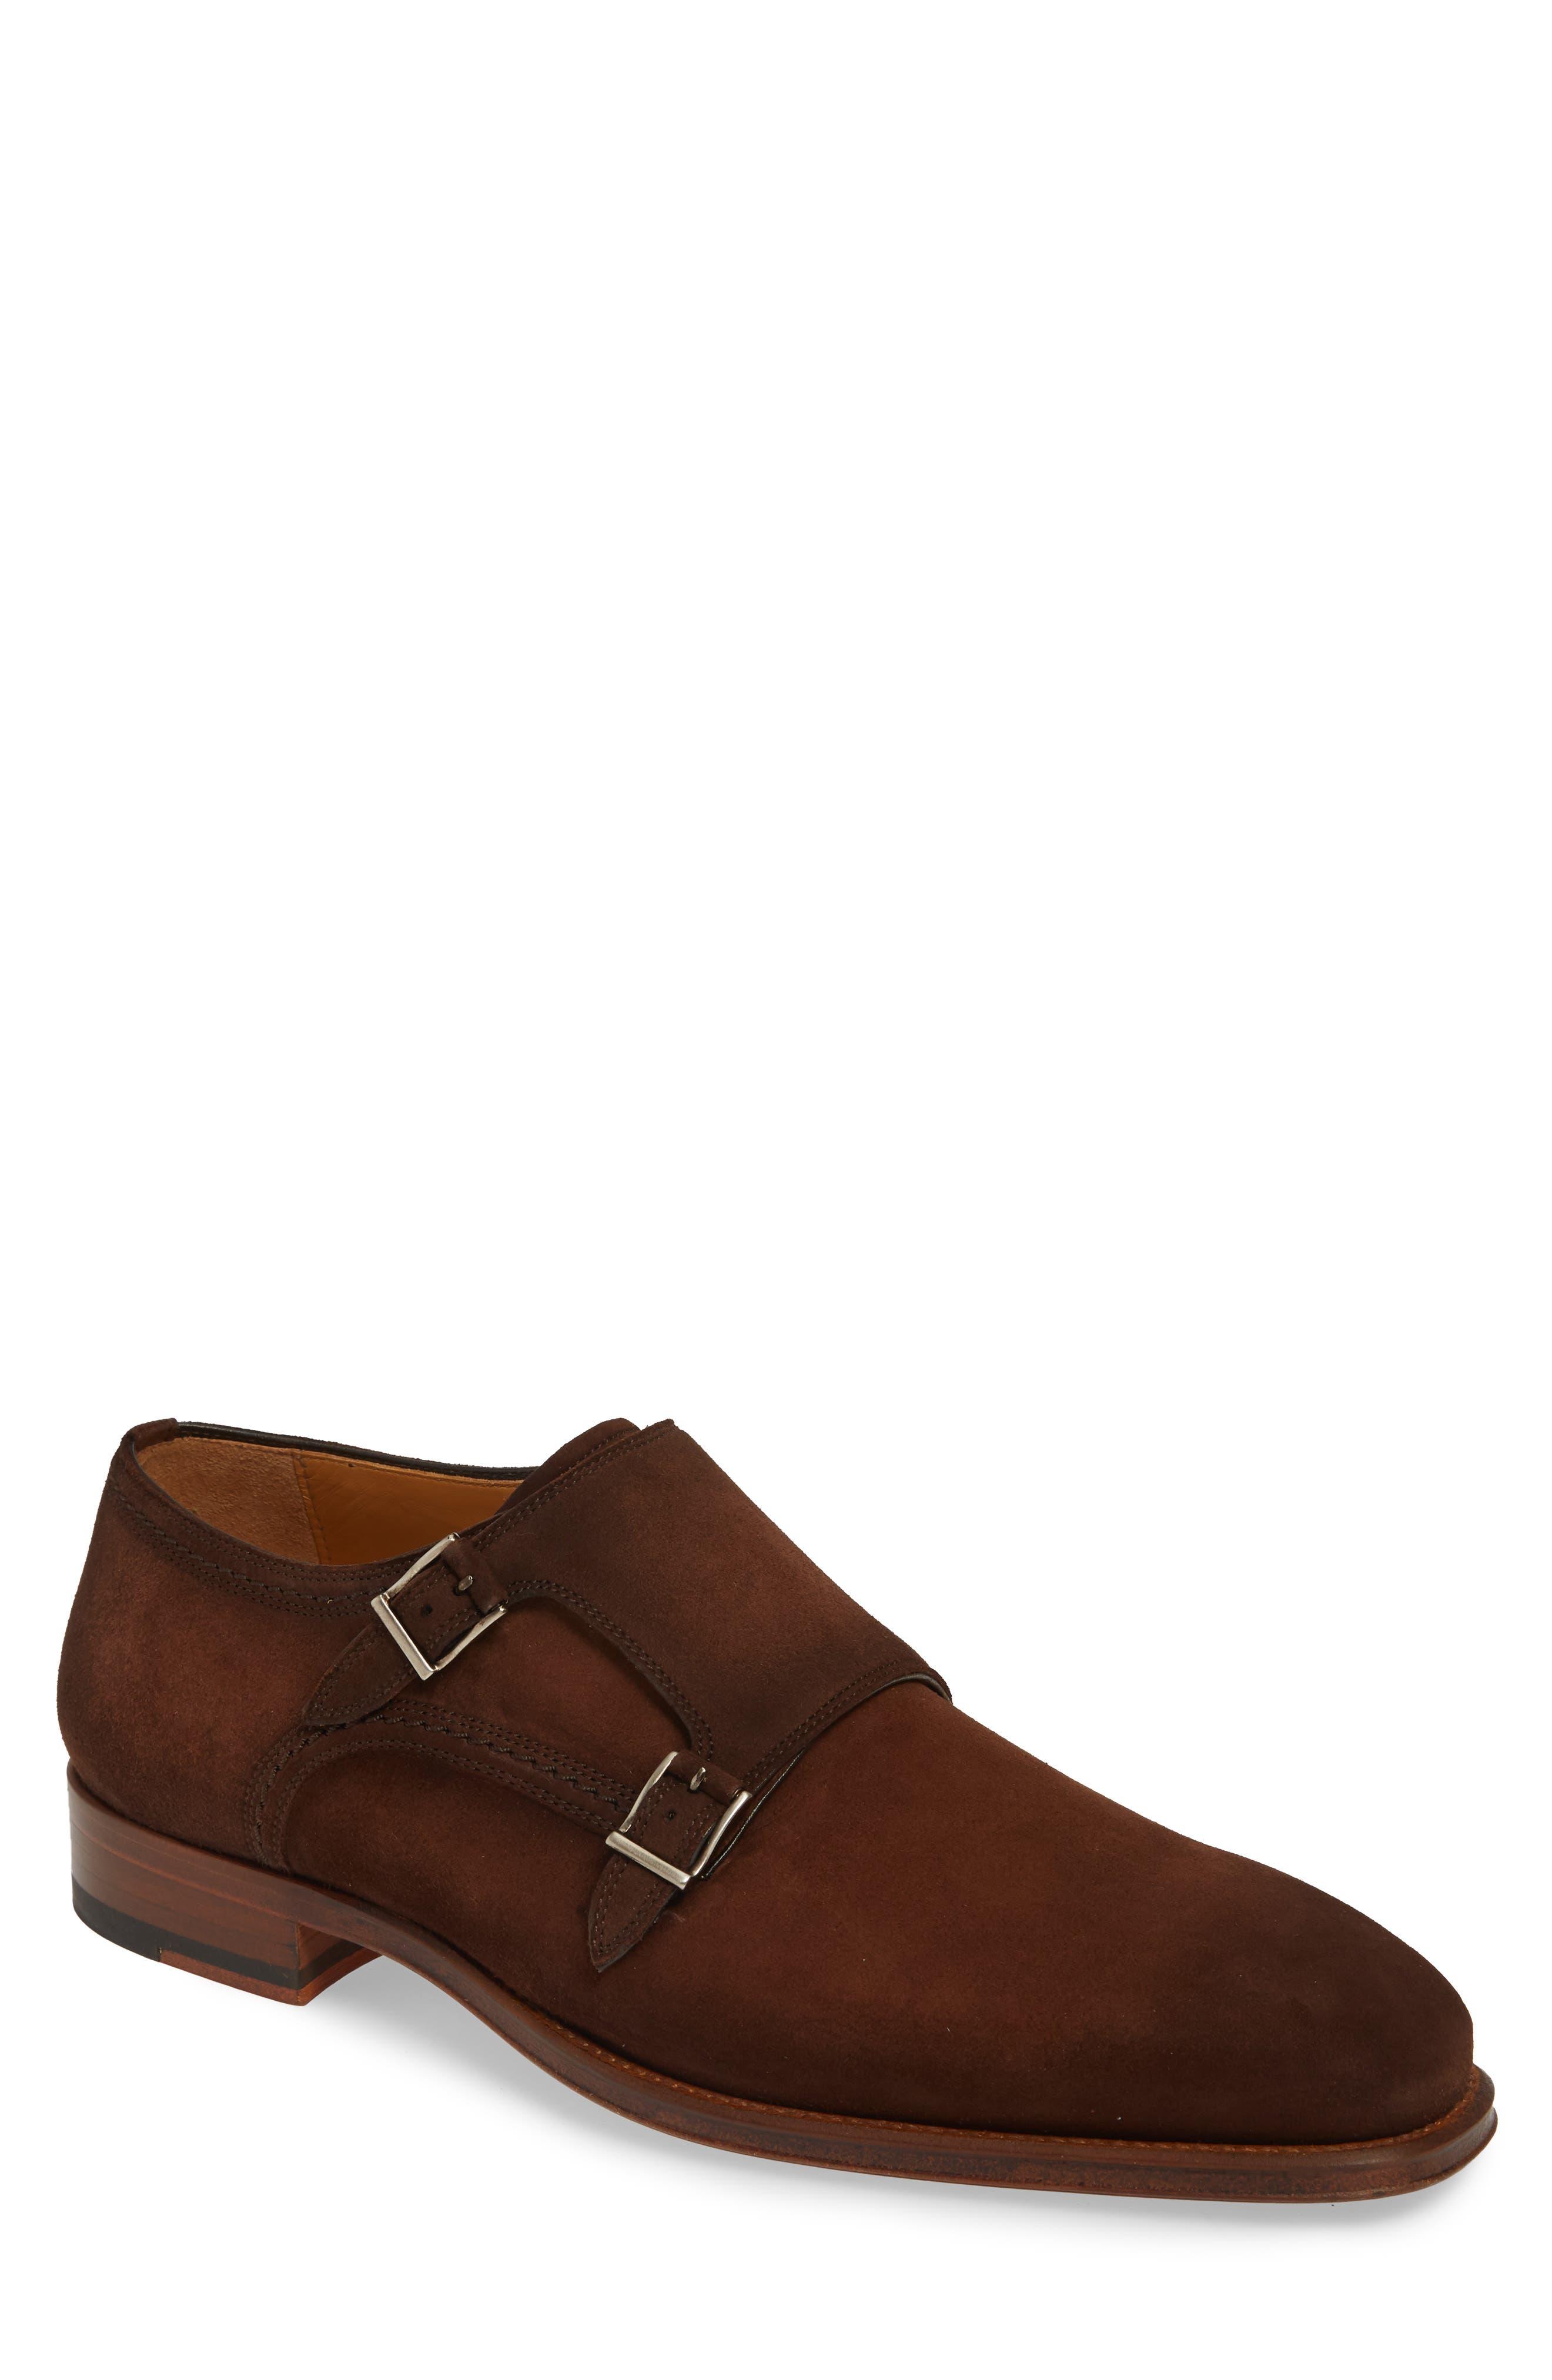 MAGNANNI Landon Double Strap Monk Shoe, Main, color, MID BROWN